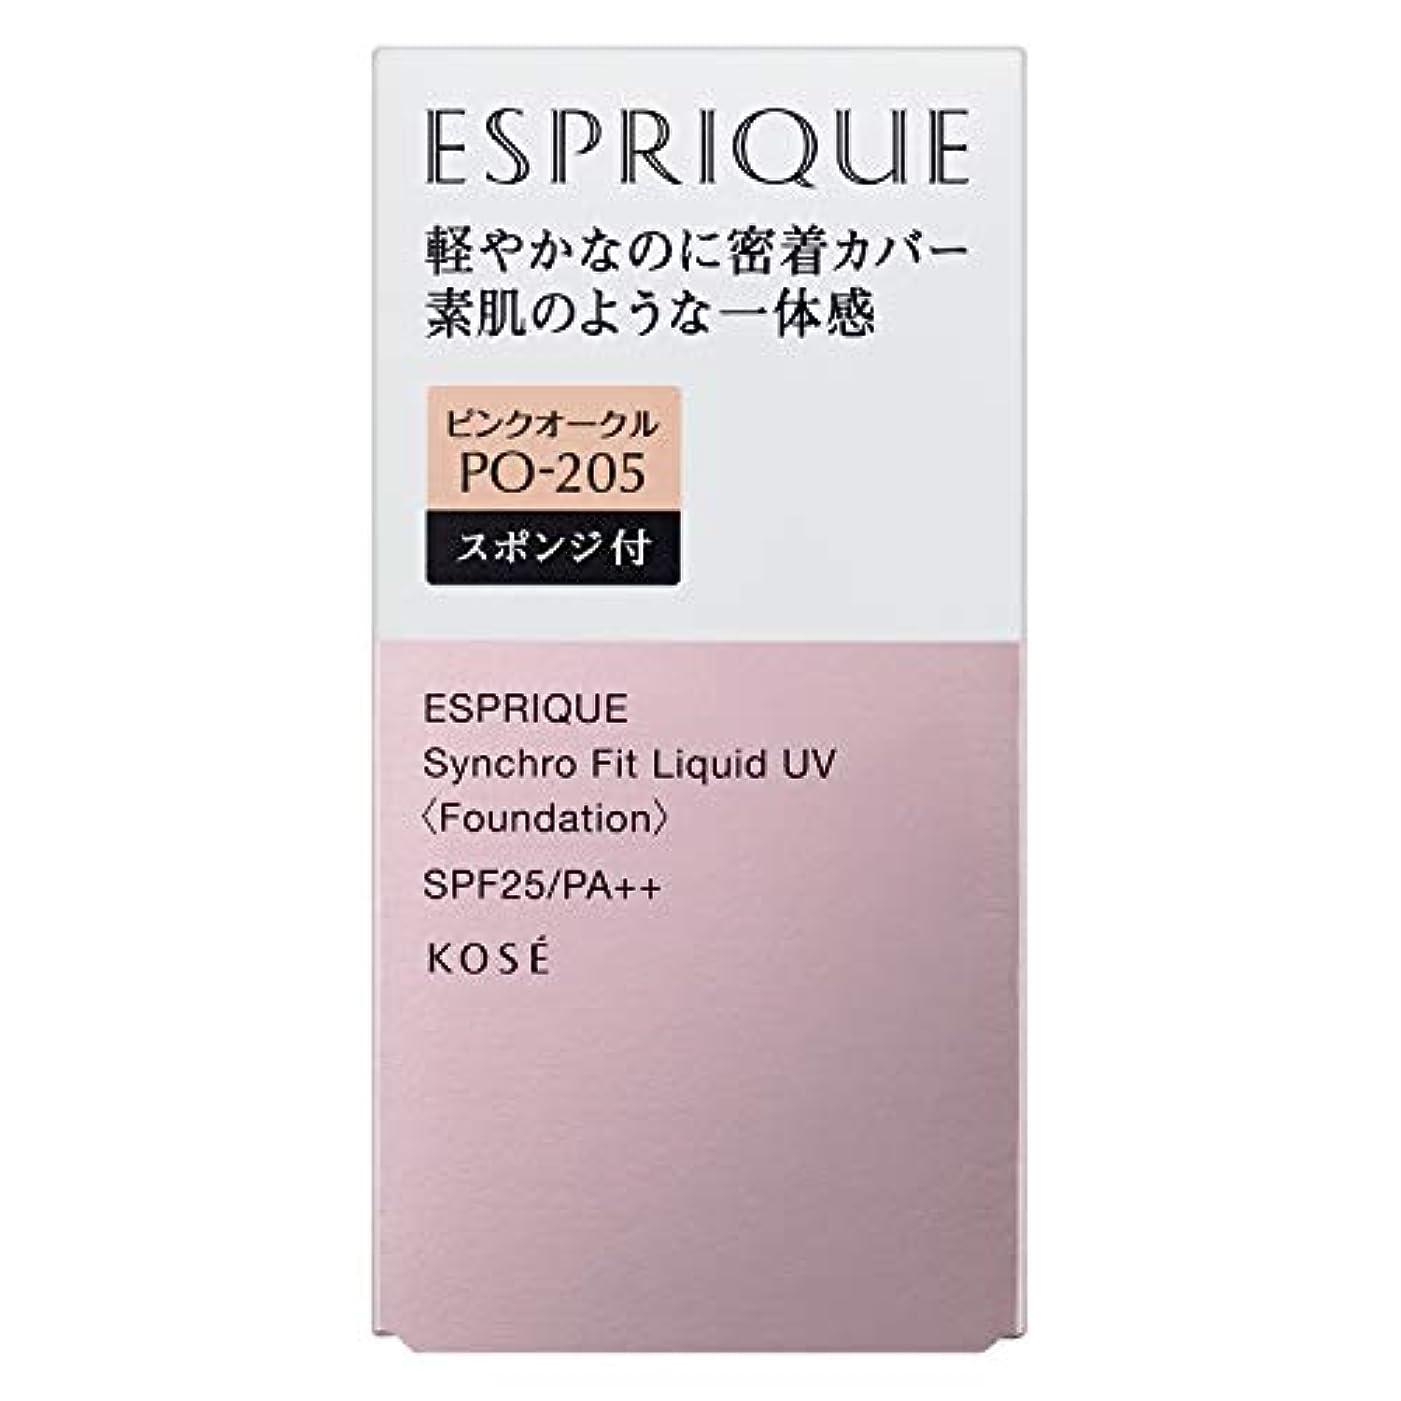 チャットカストディアンむしろESPRIQUE(エスプリーク) エスプリーク シンクロフィット リキッド UV ファンデーション 無香料 PO-205 ピンクオークル 30g